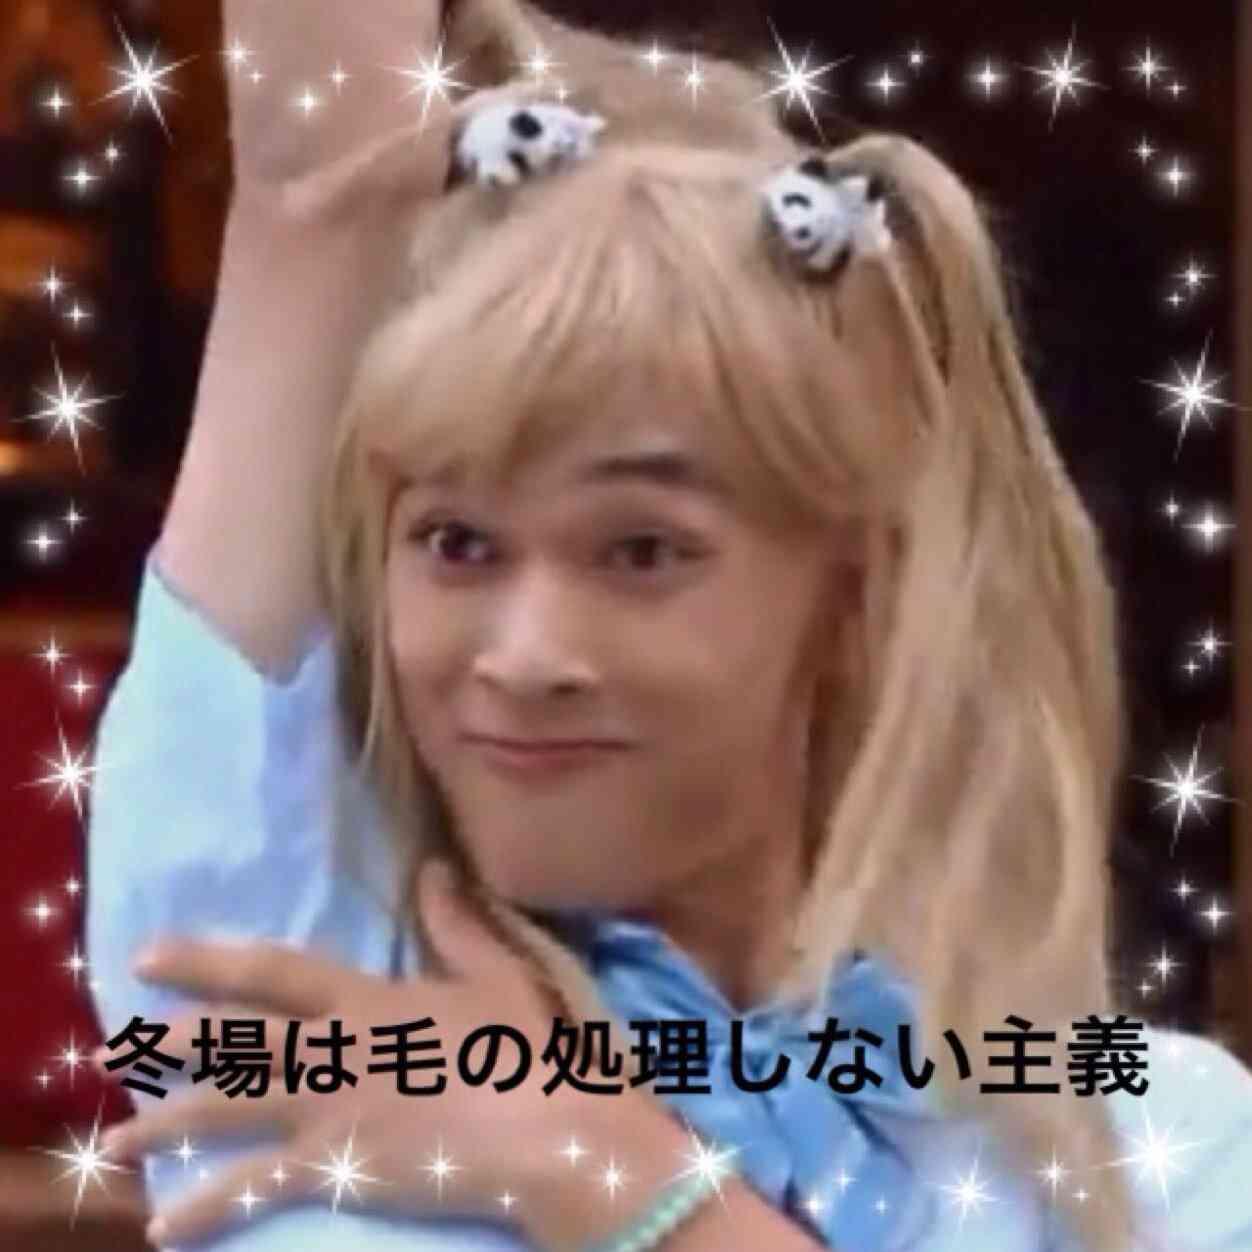 日本人ってムダ毛に厳しすぎませんか?